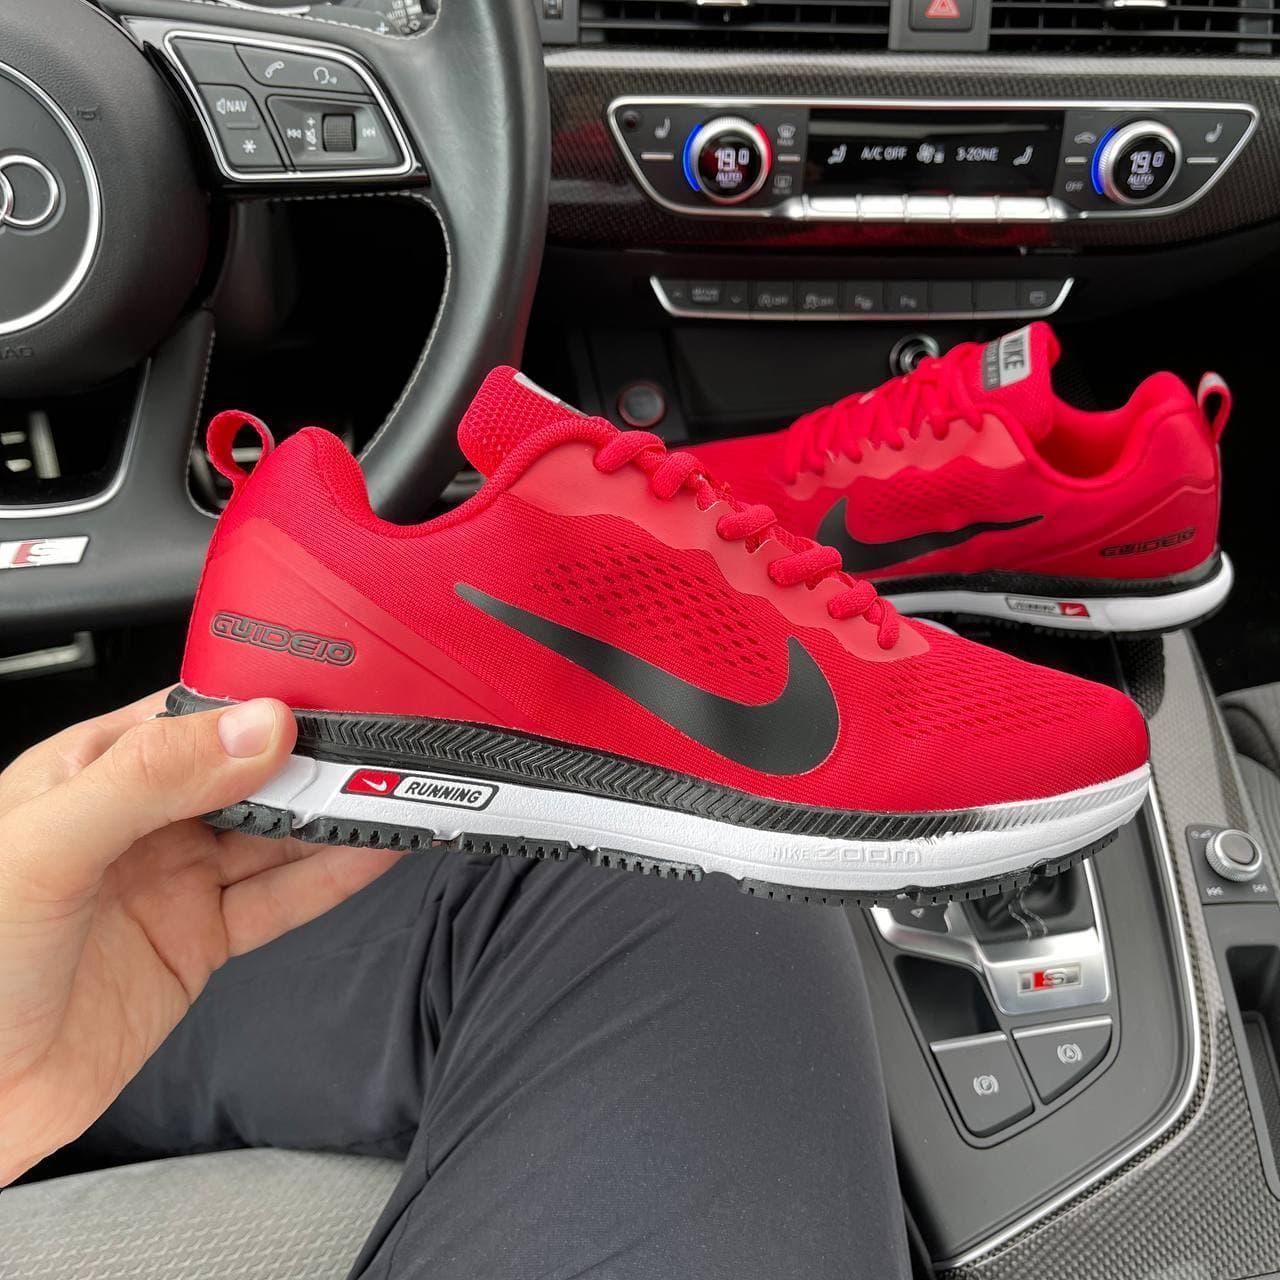 Мужские кроссовки Zoom GUIDE 10 Red (красные с белым) DА1187 весенняя летняя качественная обувь